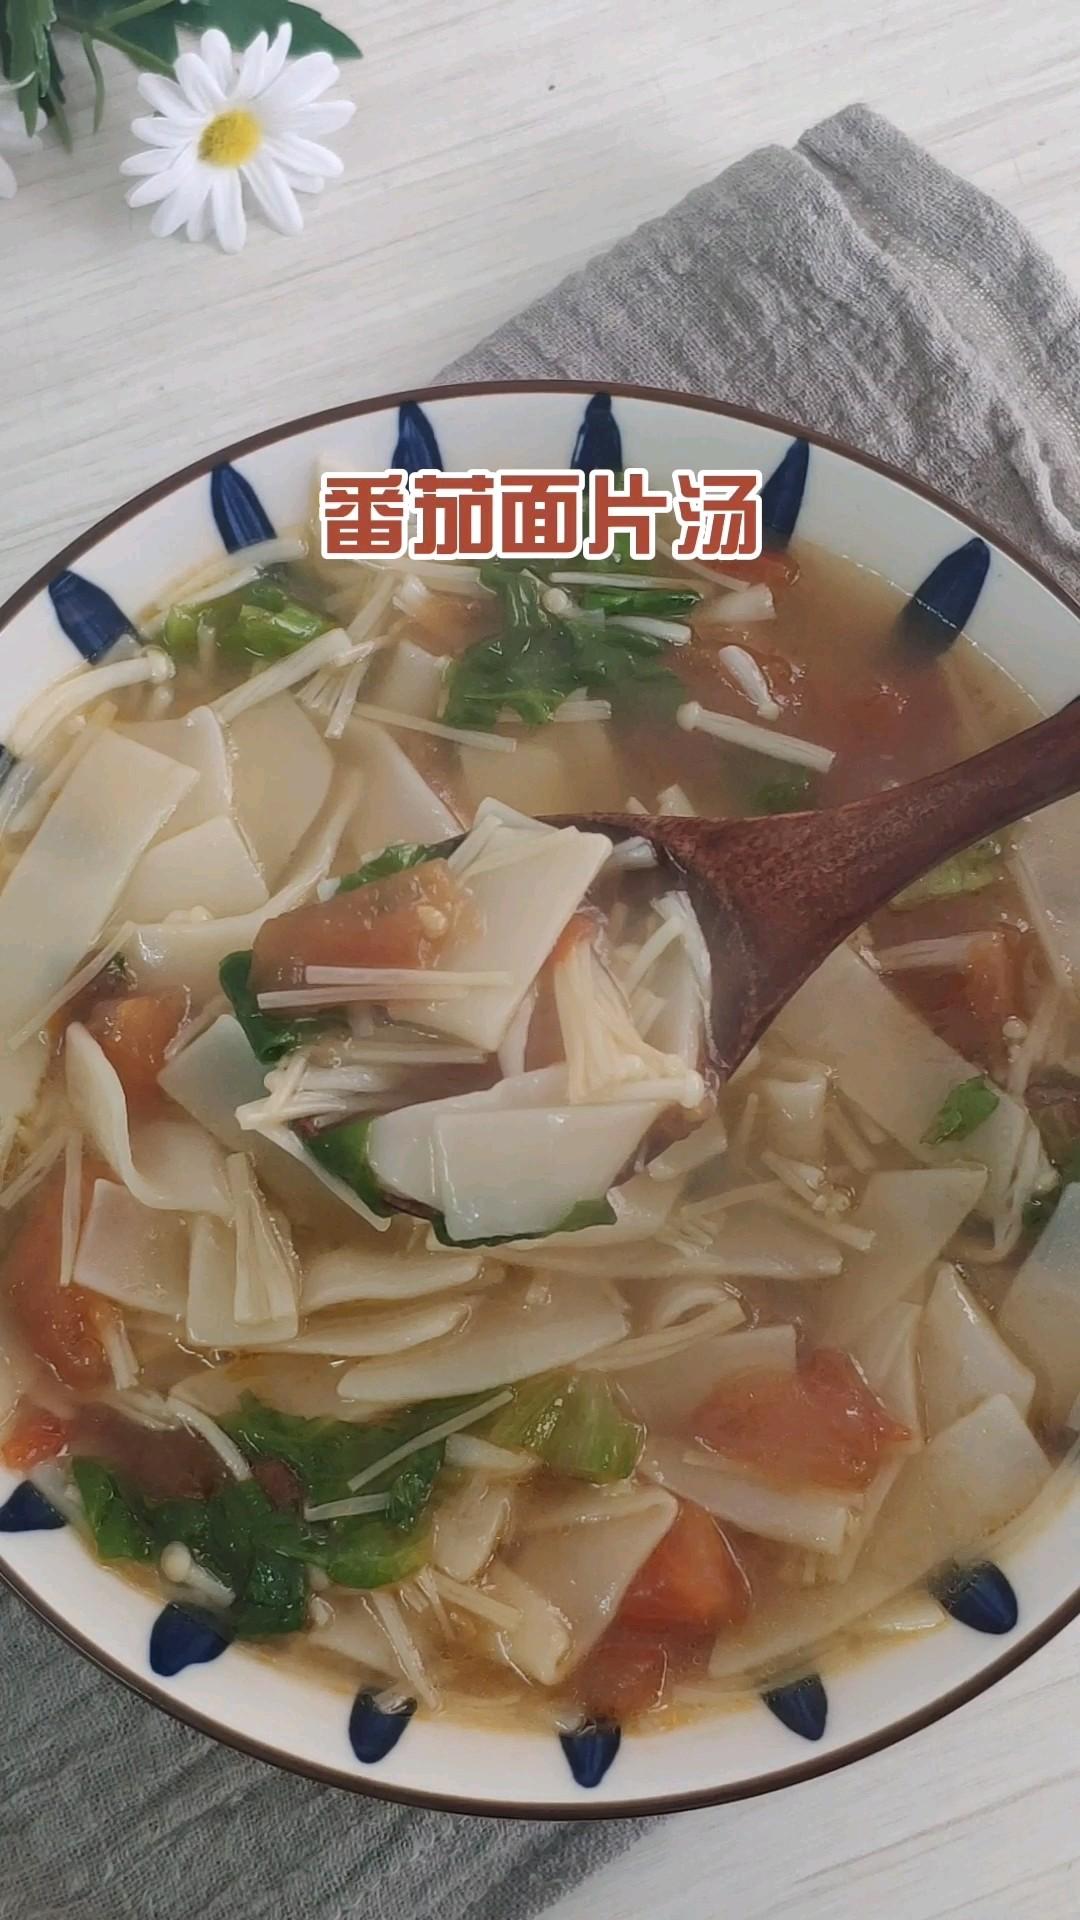 番茄面片汤